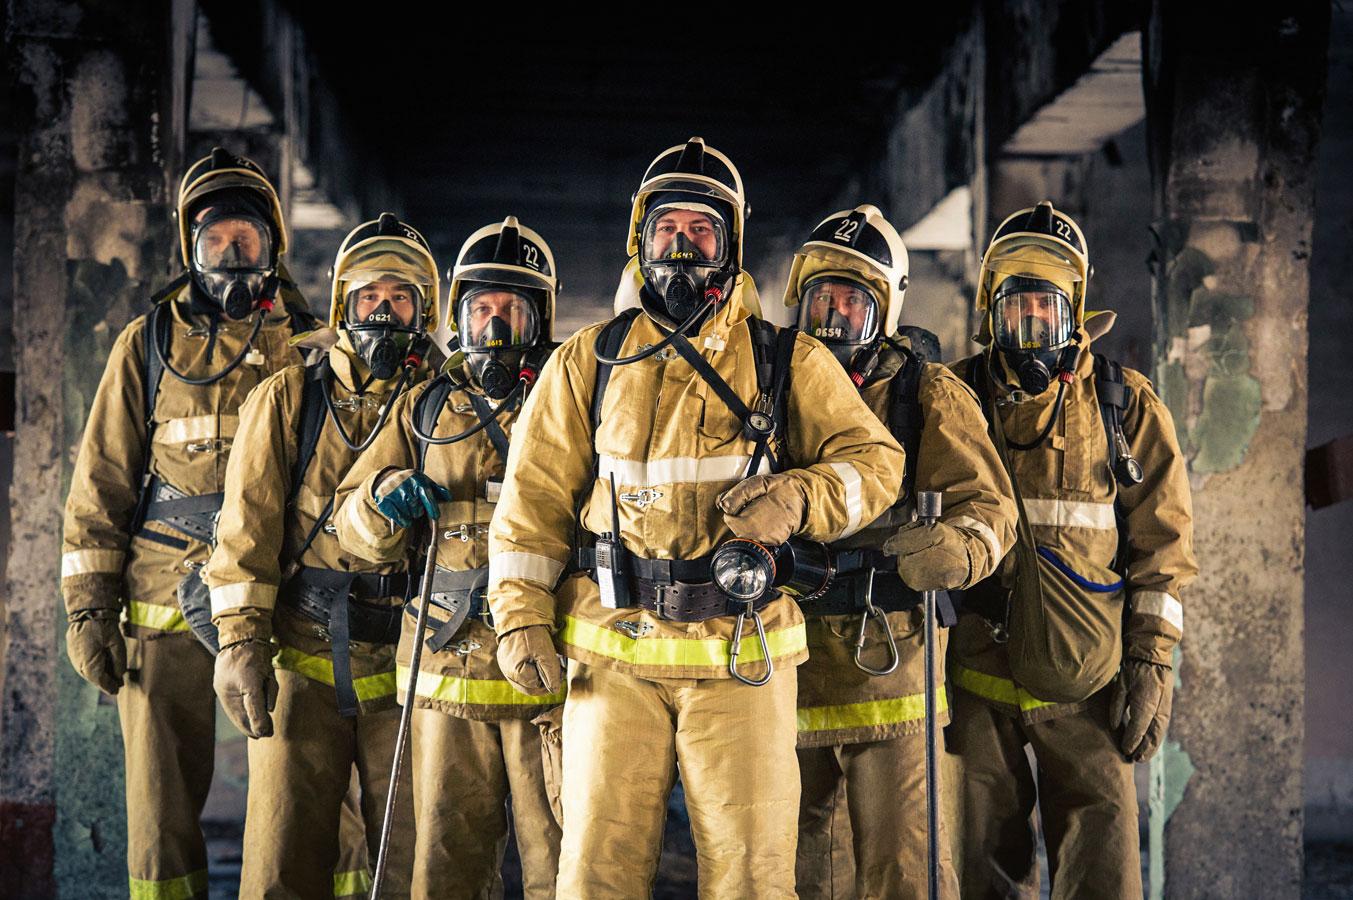 Учения военизированной газоспасательной службы пожарной части №22, Фотоконкурс «Энергетика современной России»